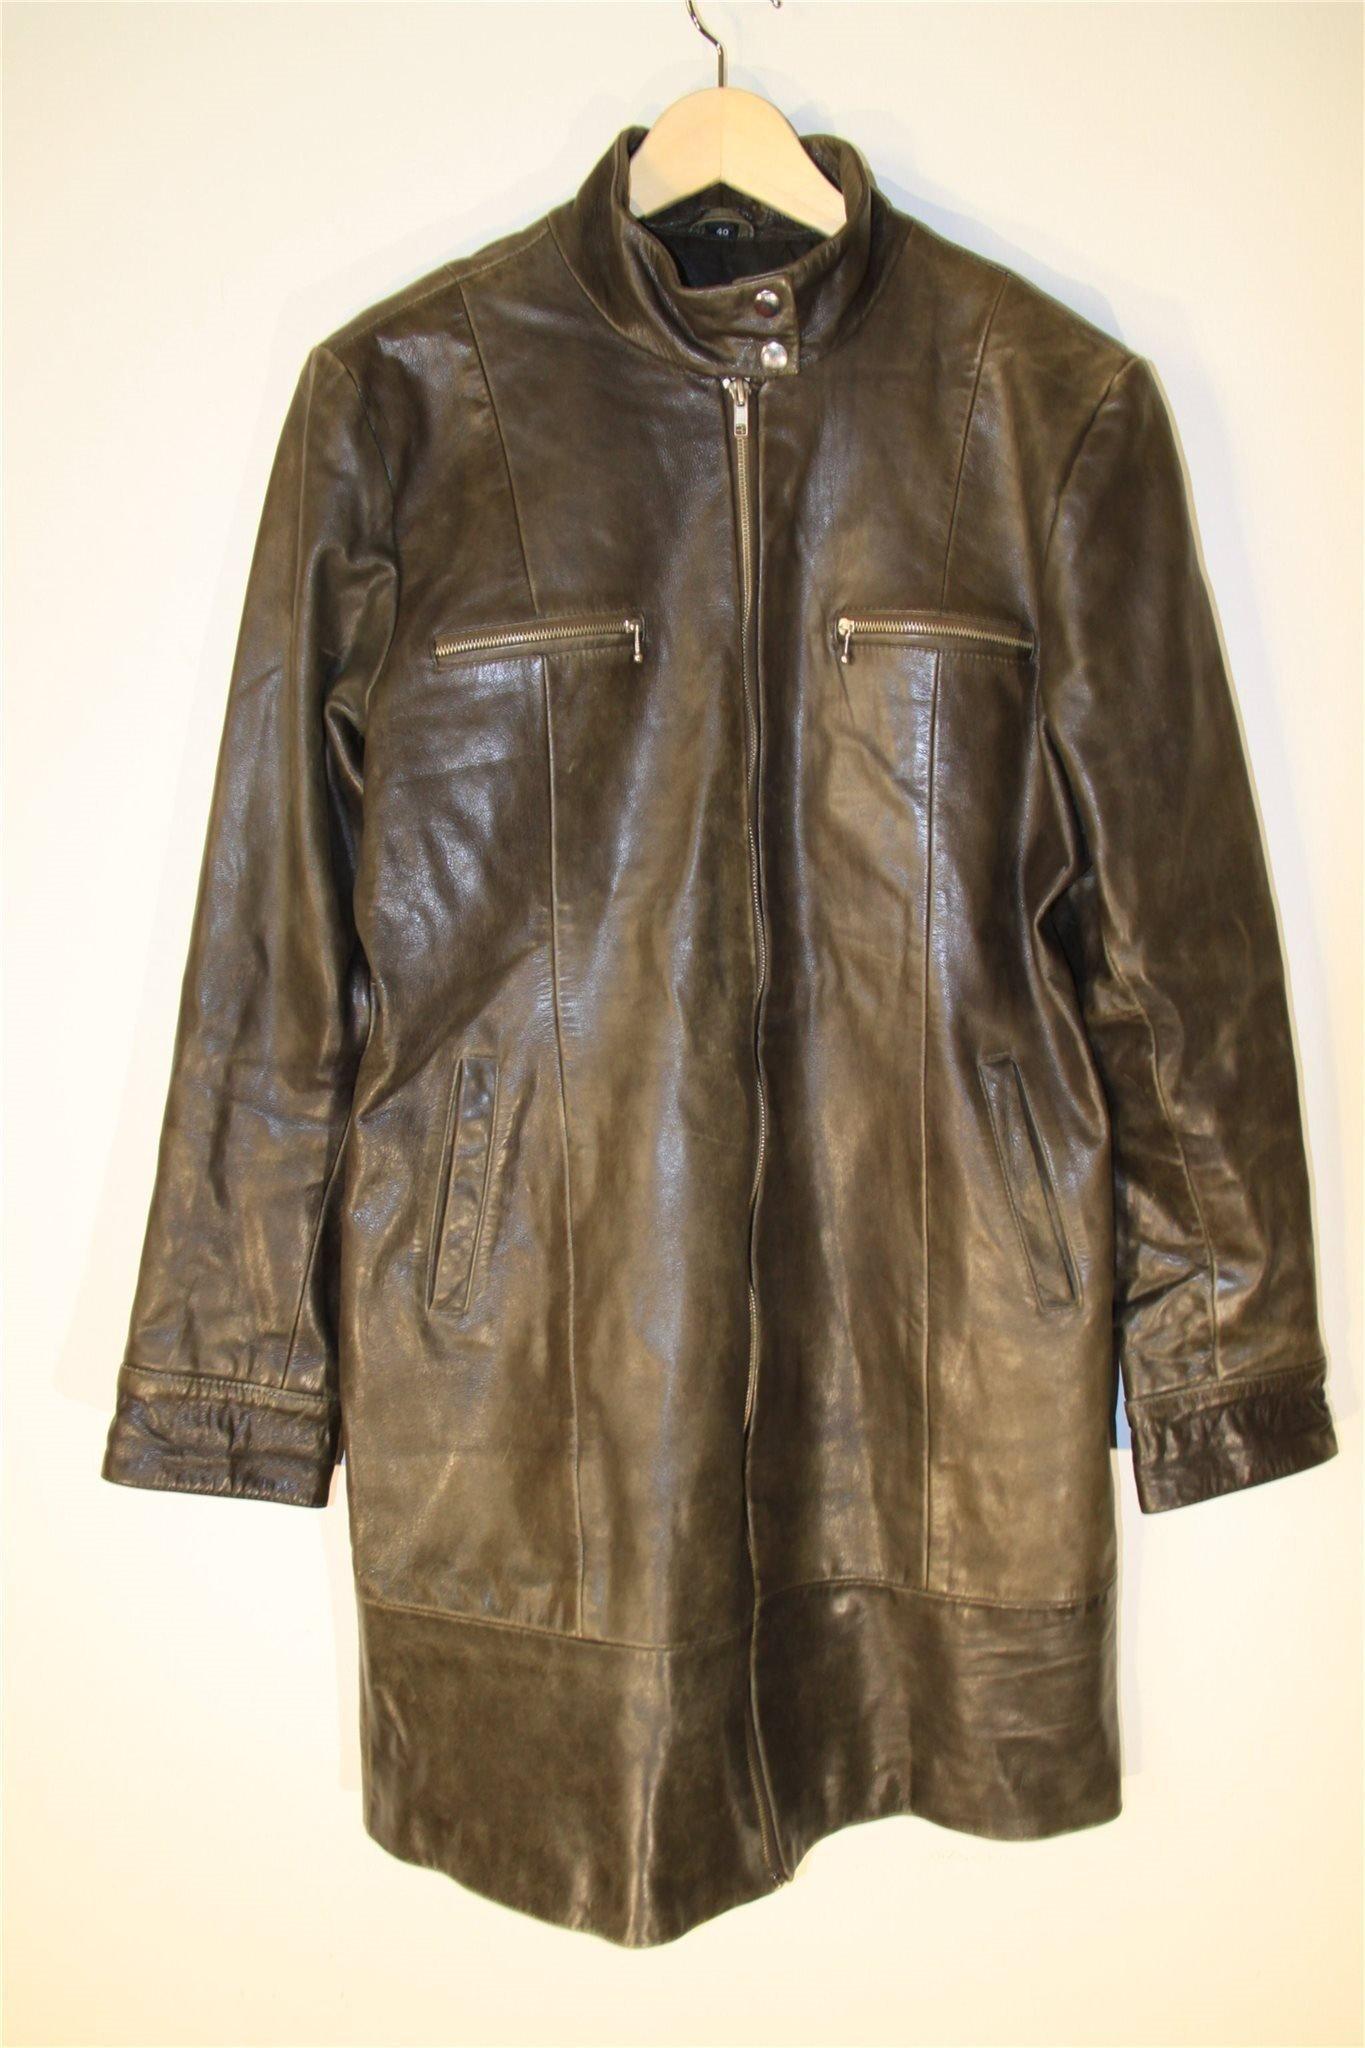 Vintage Saki 2000 Läderjacka Skinnjacka Läder Skinn Jacka Kappa Läderkappa